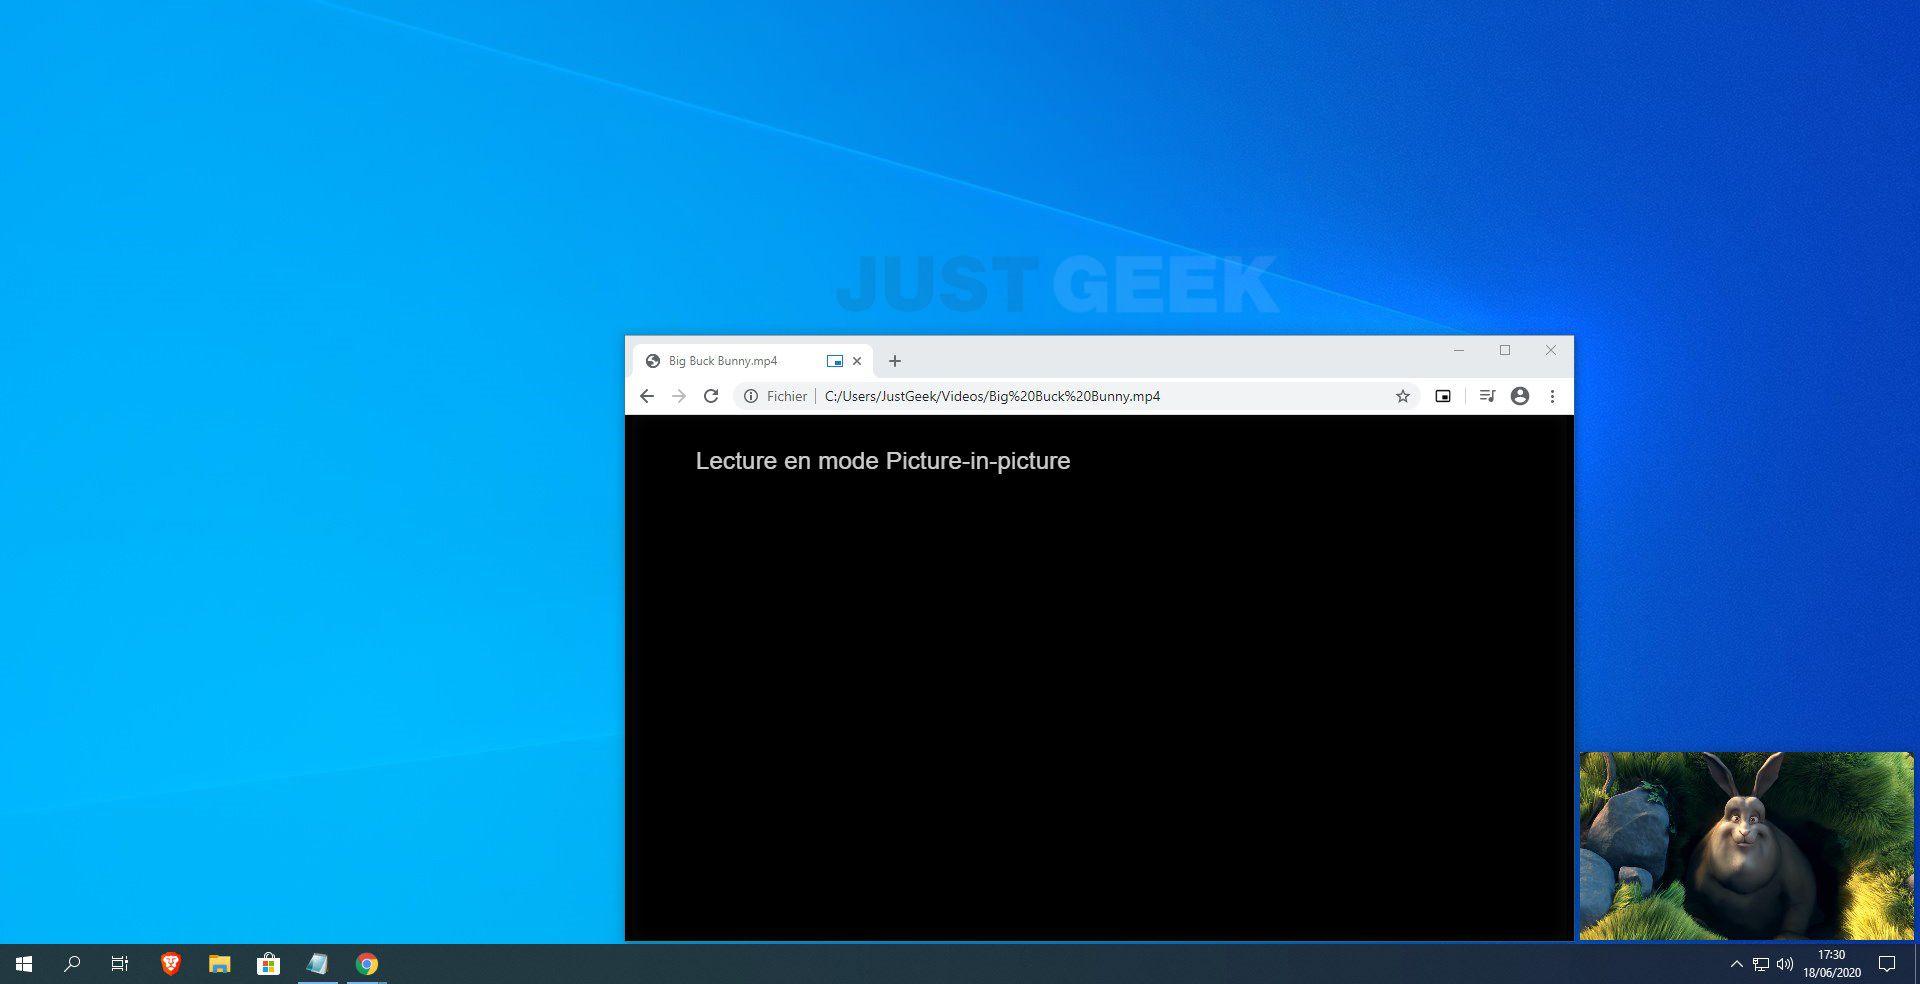 Vidéo locale Picture-in-Picture dans Chrome